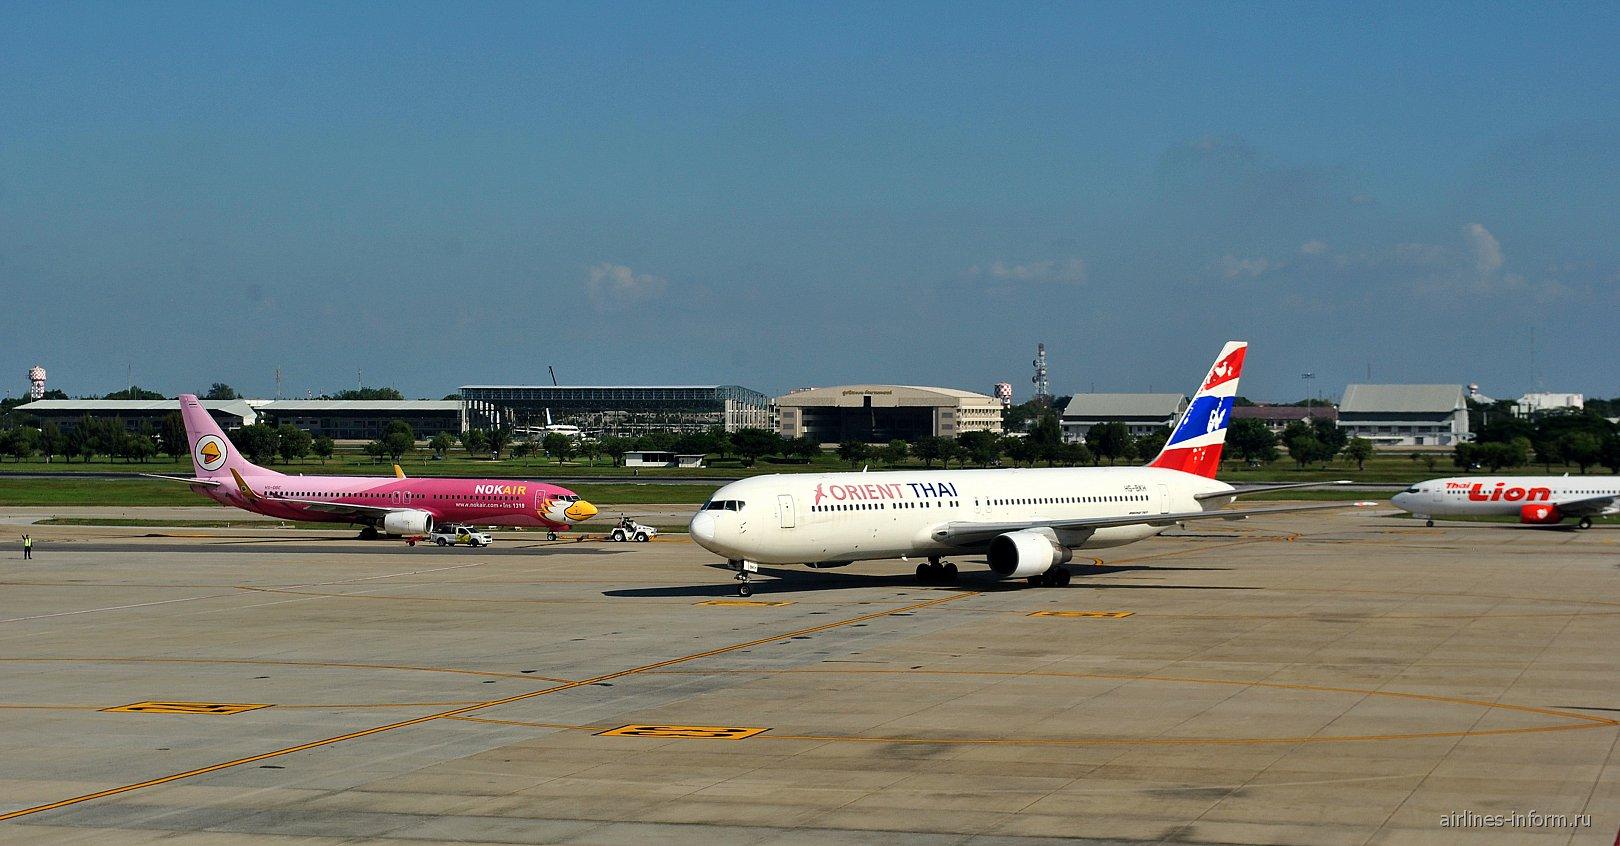 Летное поле аэропорта Бангкок Дон Муанг